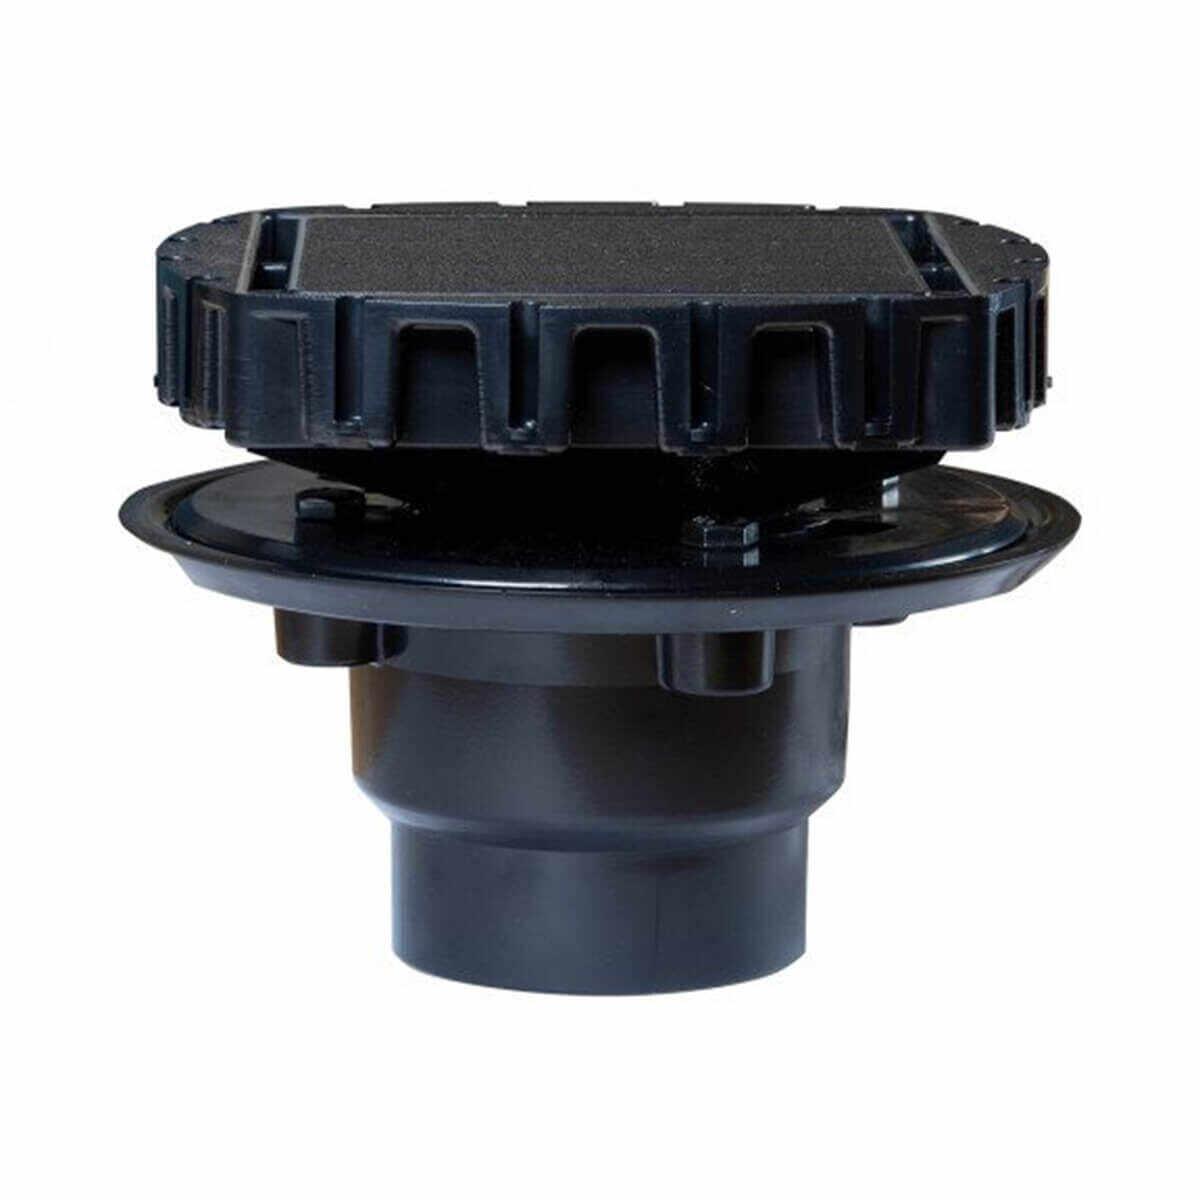 GPSD Goof Proof Square Drain Kit install a square shower drain Tile-on insert for uniform shower floor